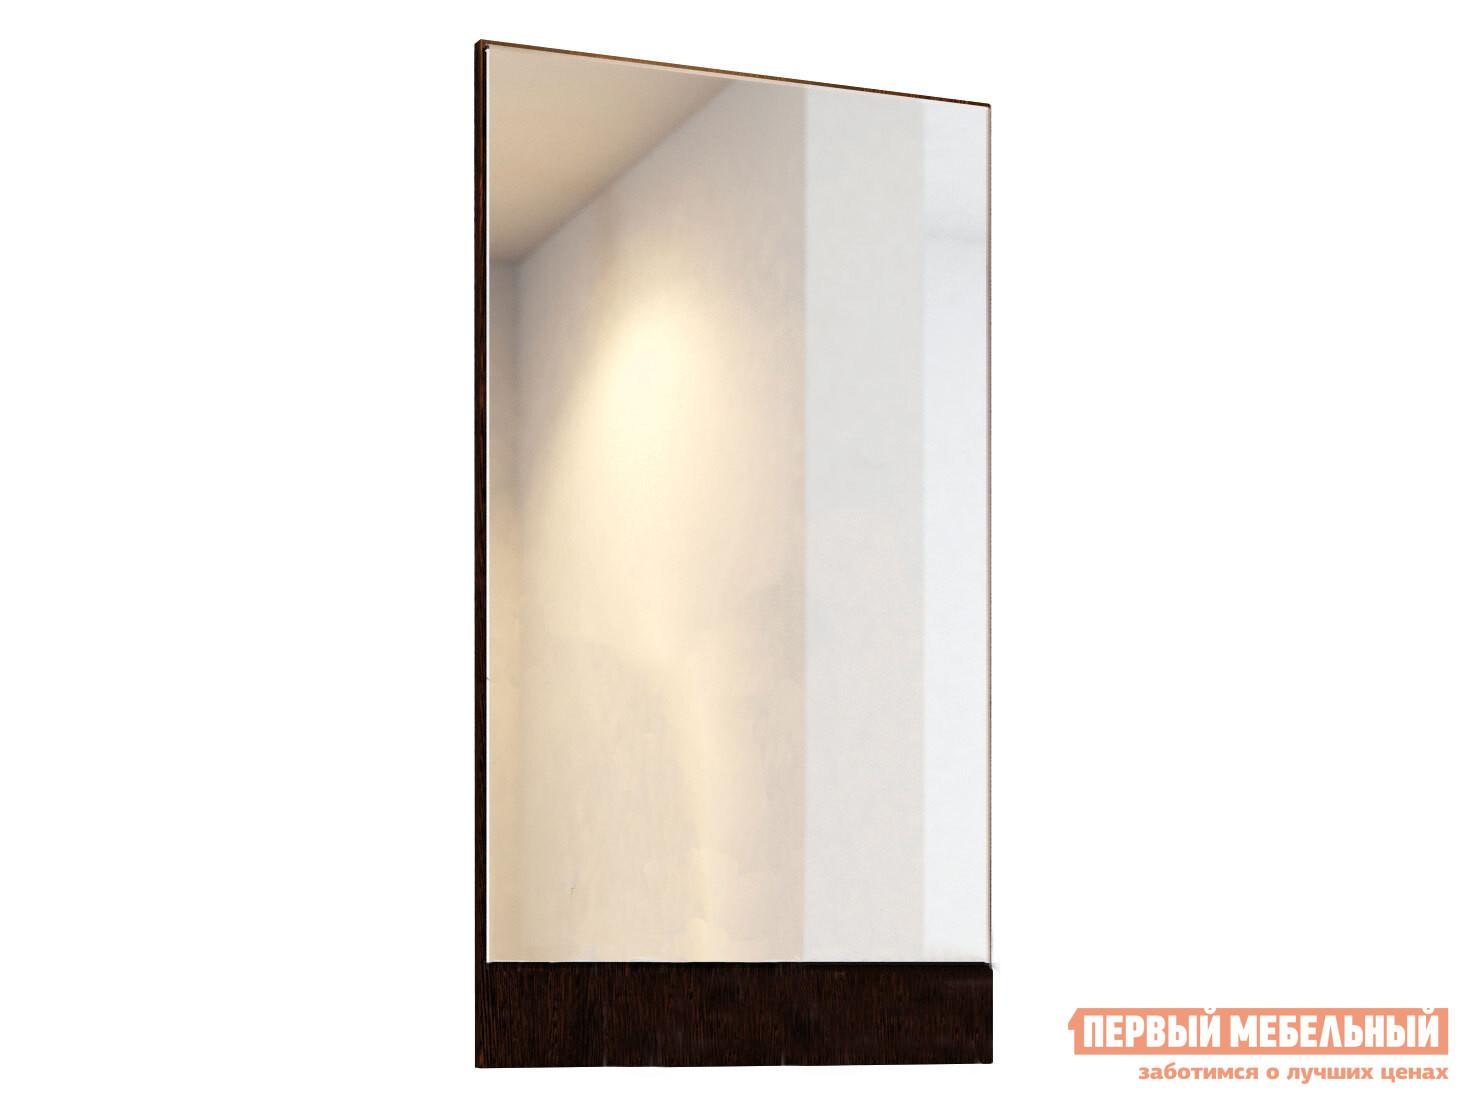 Настенное зеркало  Ника ТВ500 Венге Эра 107687